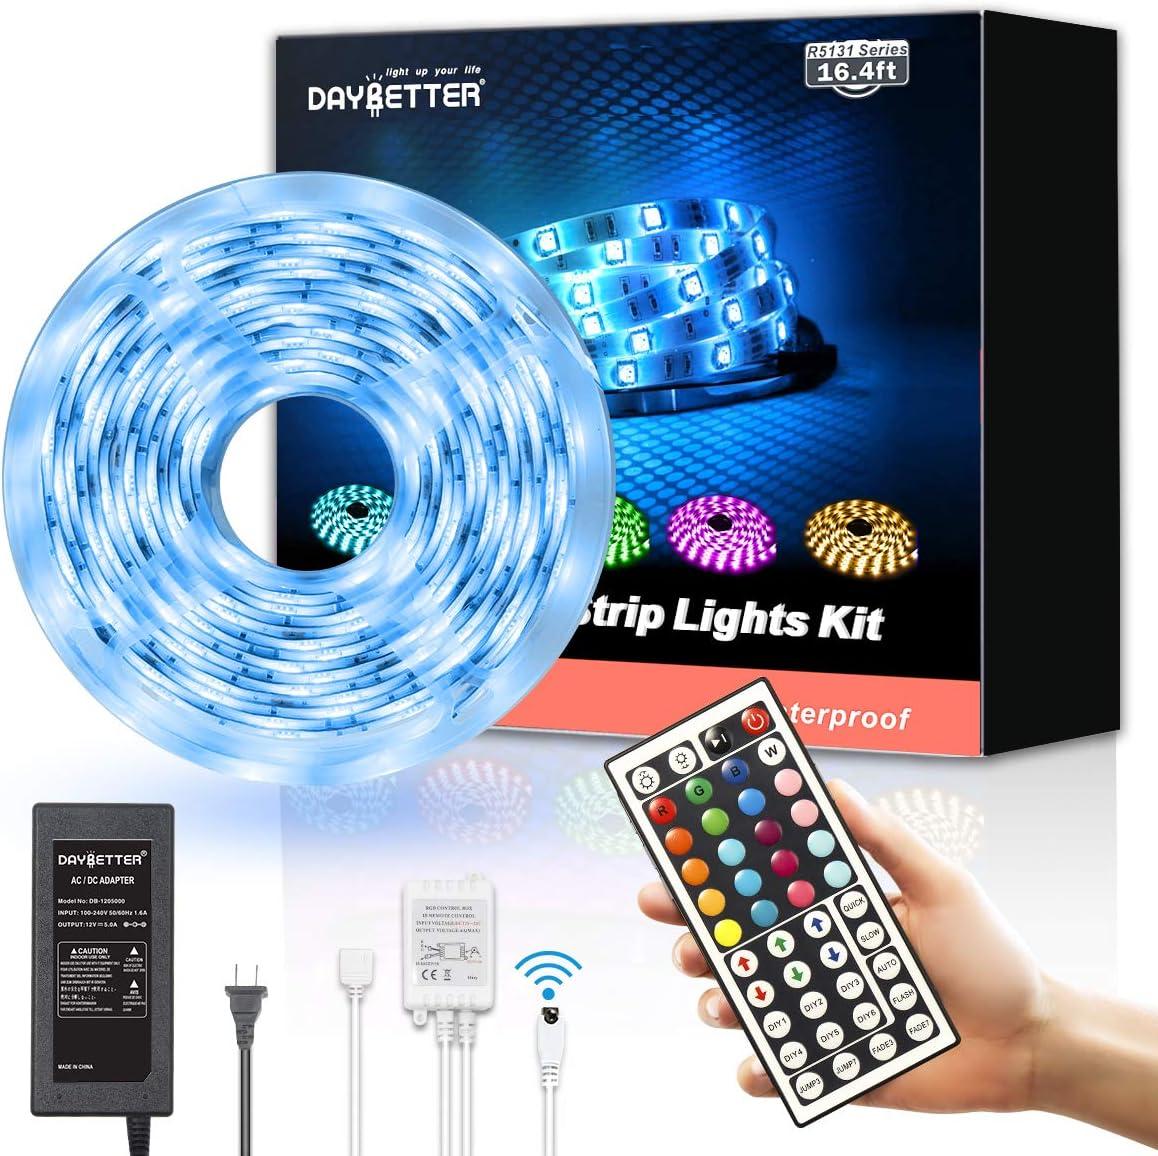 LED Strip Lights,16.4ft Light Strip with 150 led lights for bedroom,waterproof